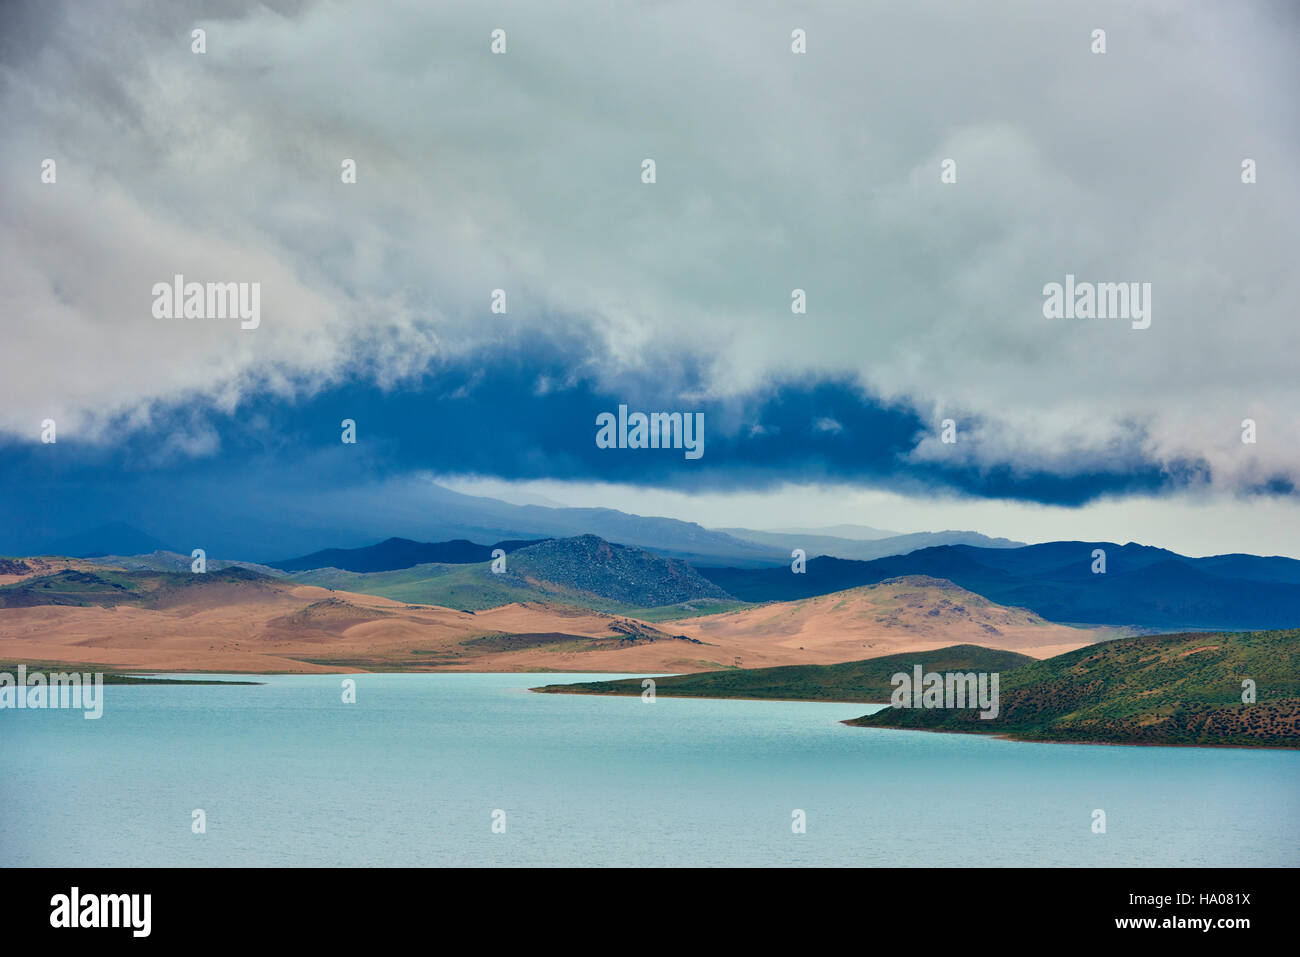 Mongolia, Zavkhan province, Khar Nuur lake - Stock Image